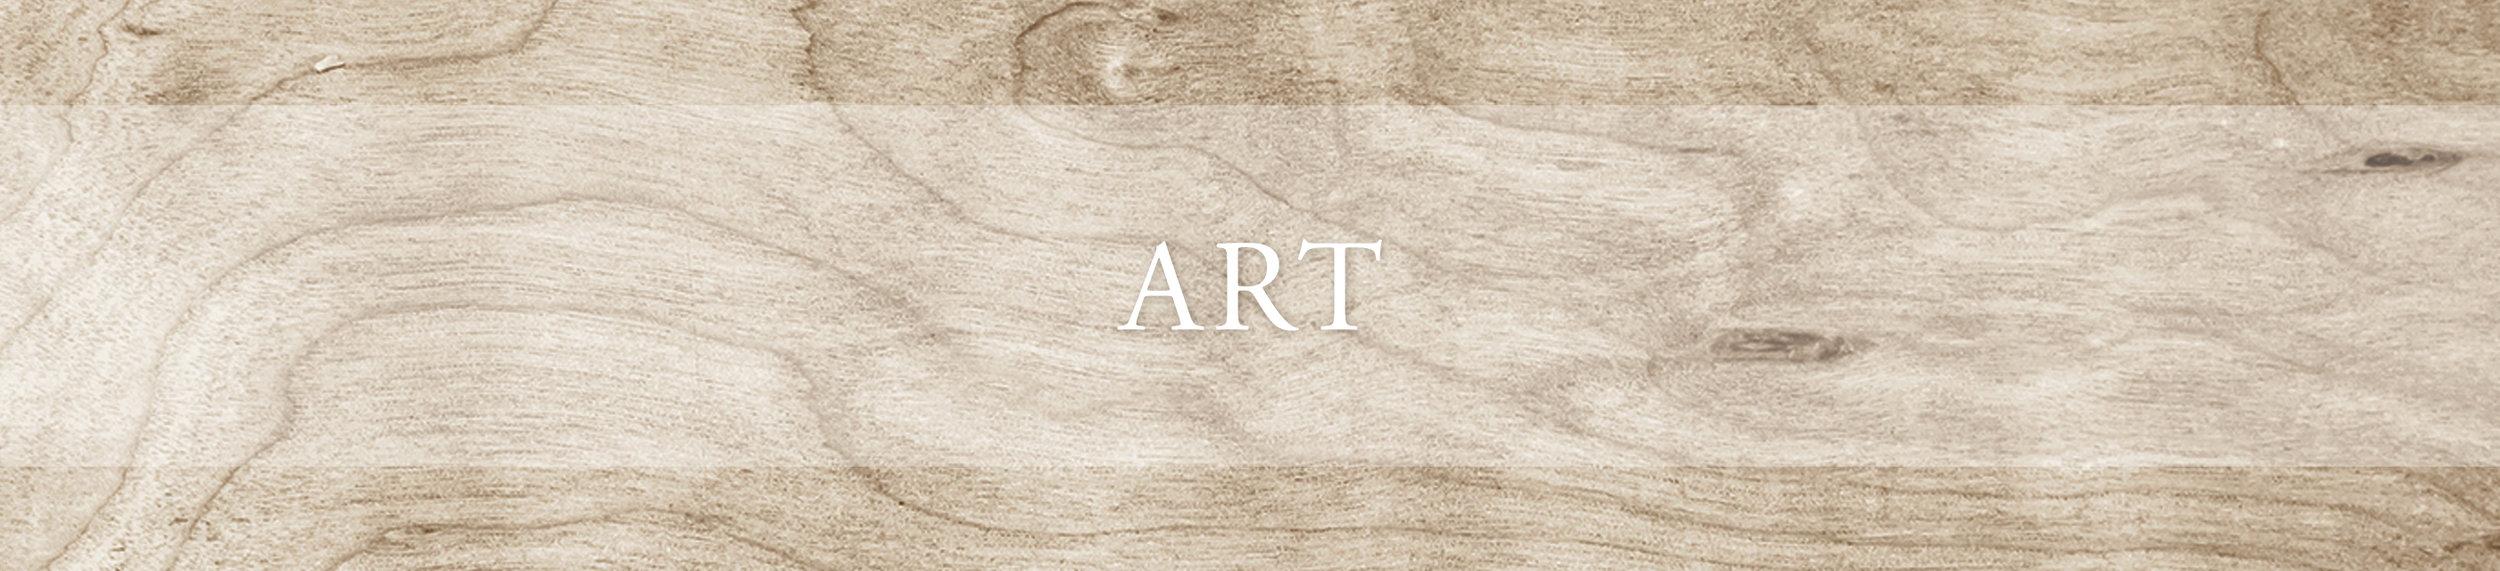 SSA_Product-Banner-Art.jpg